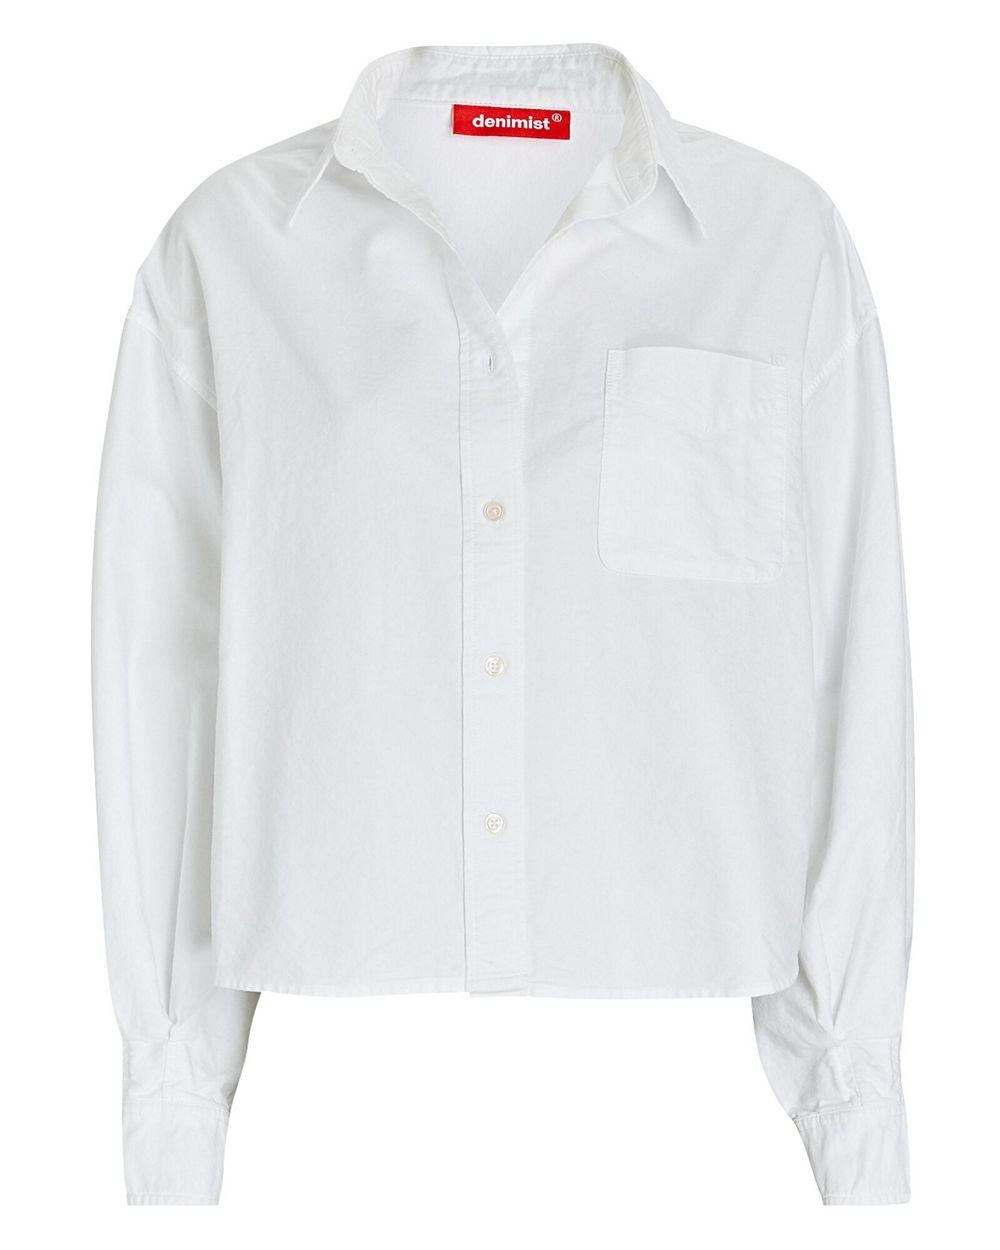 Mayfield Button Down Shirt